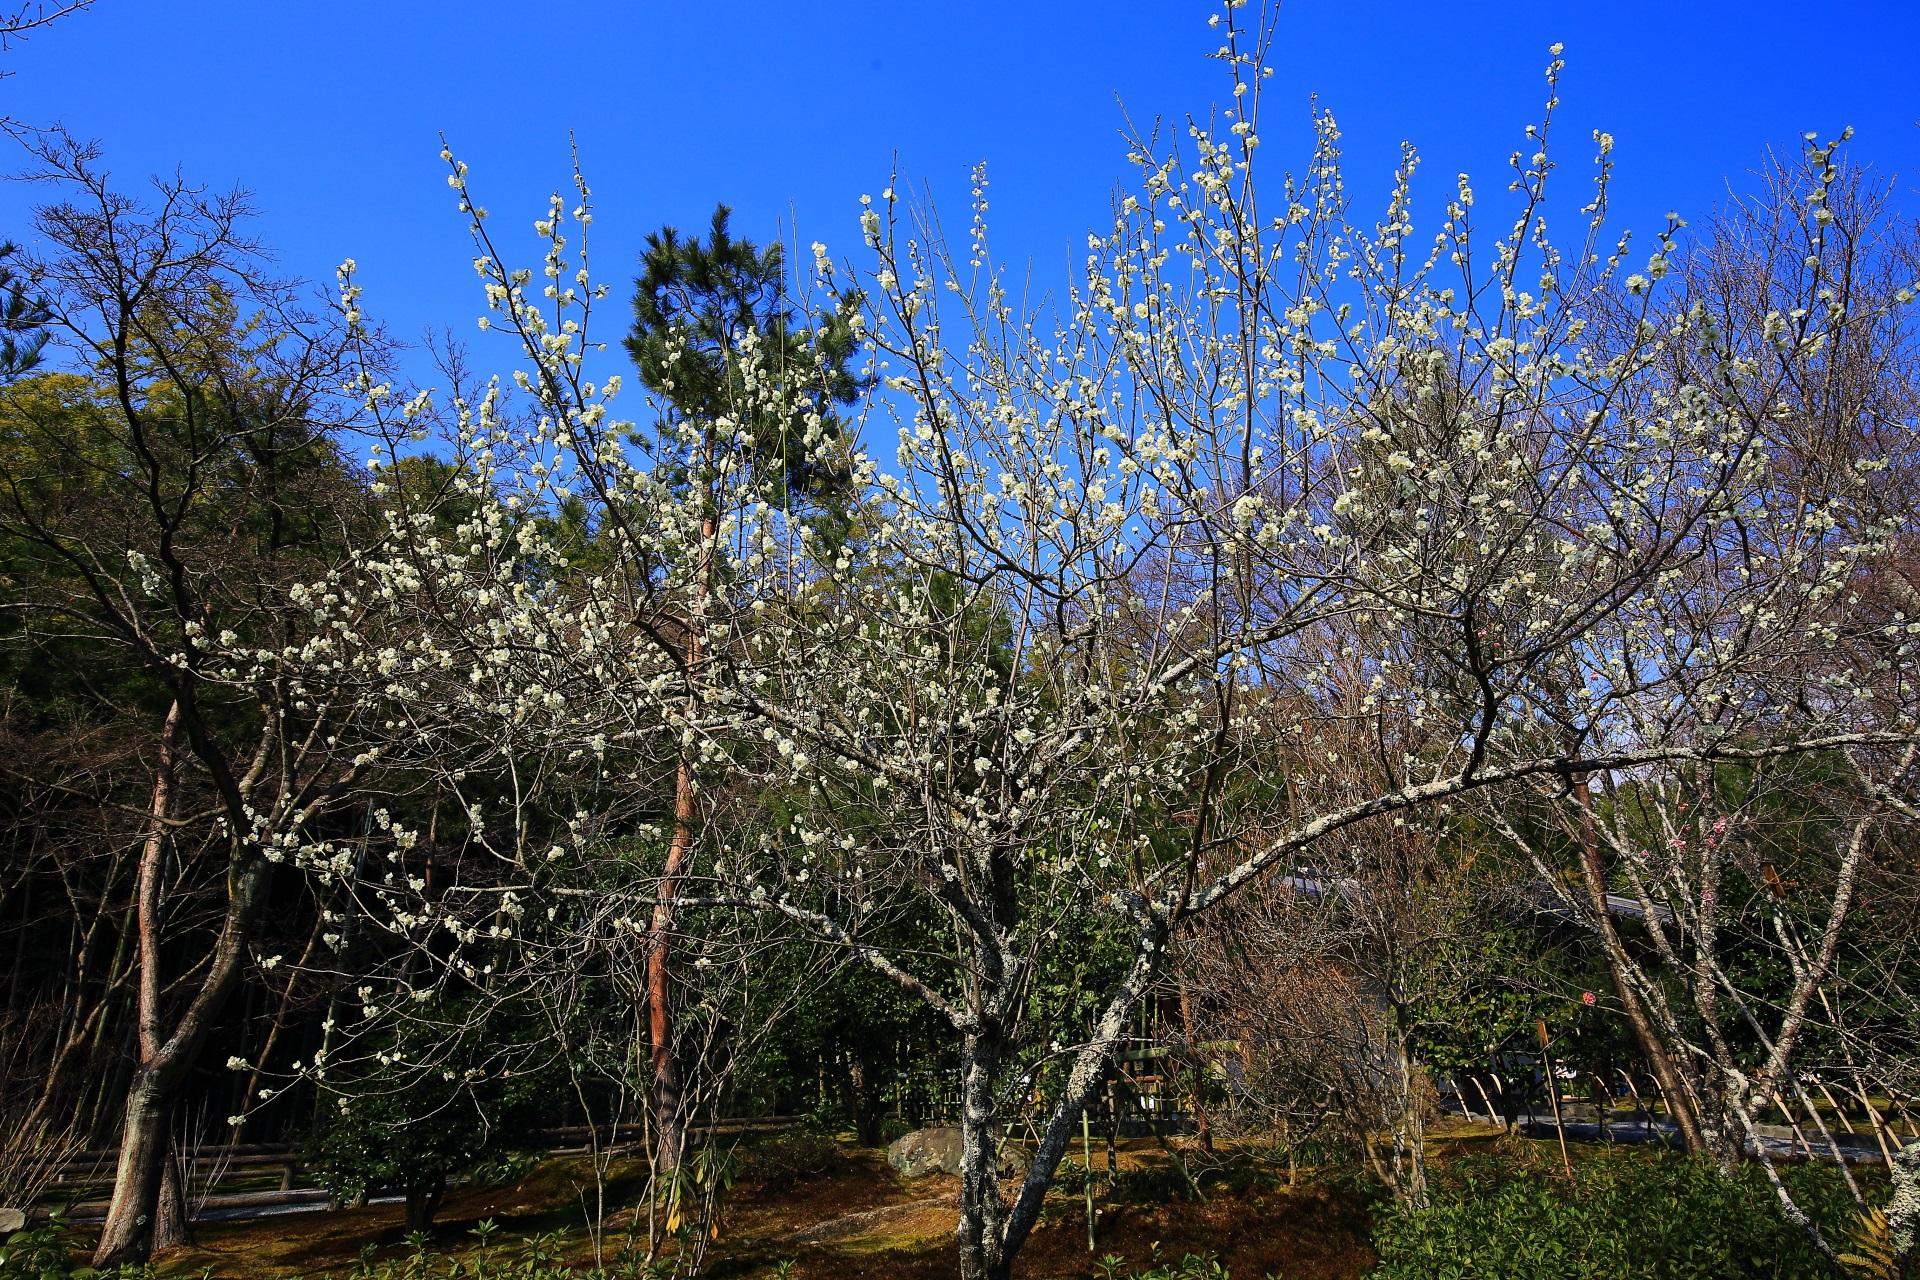 天龍寺の百花苑(ひゃっかえん)の梅